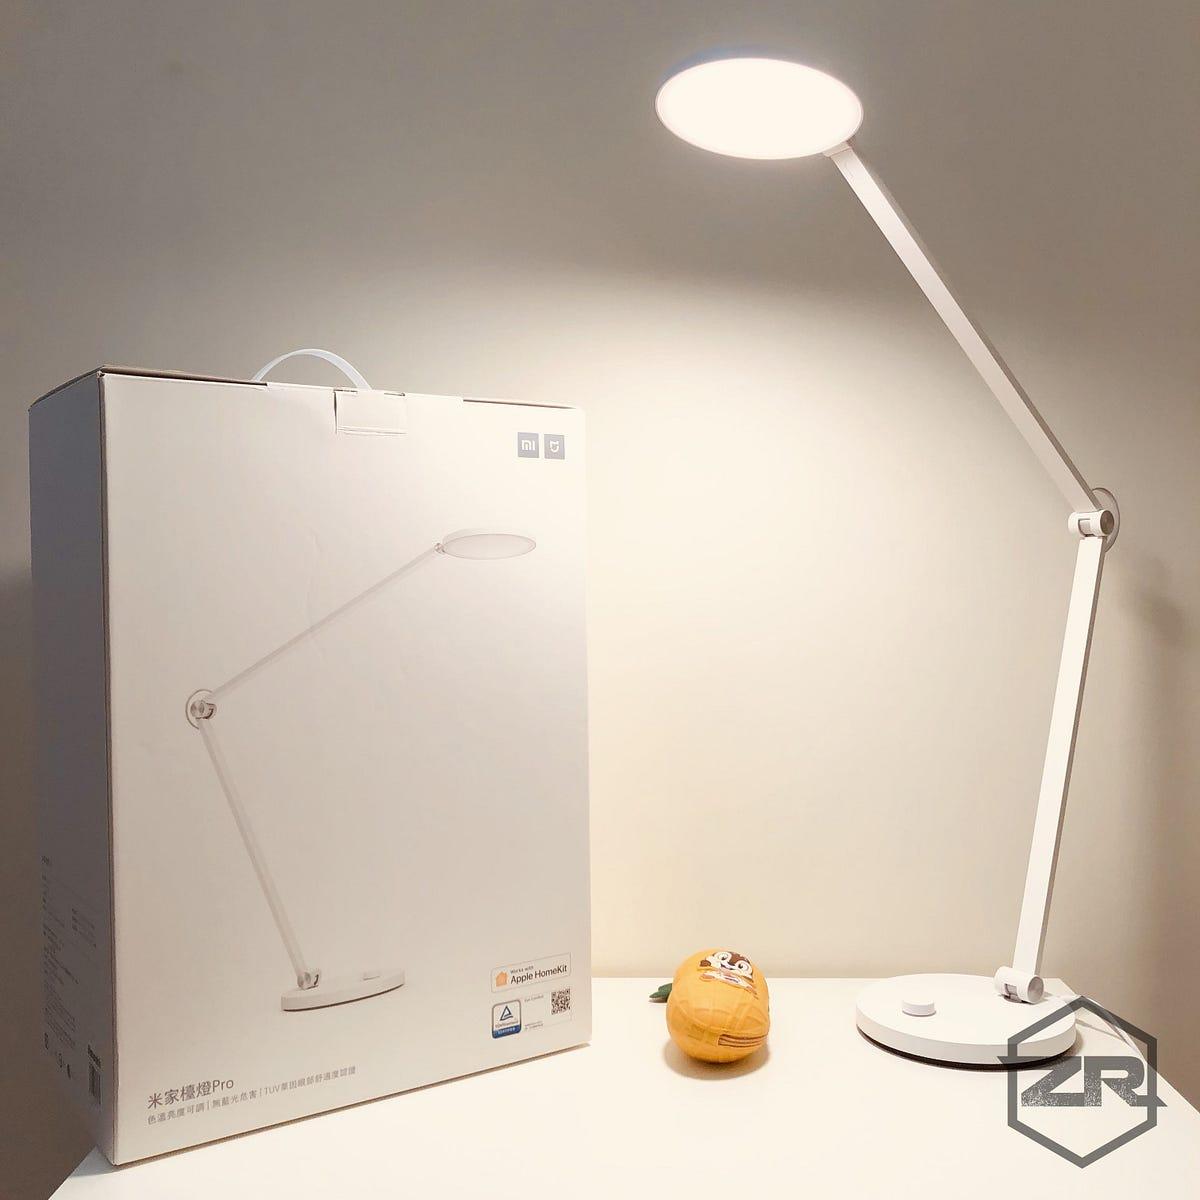 智慧家居初體驗 - Apple HomeKit & 小米米家 - ZRealm Life. - Medium